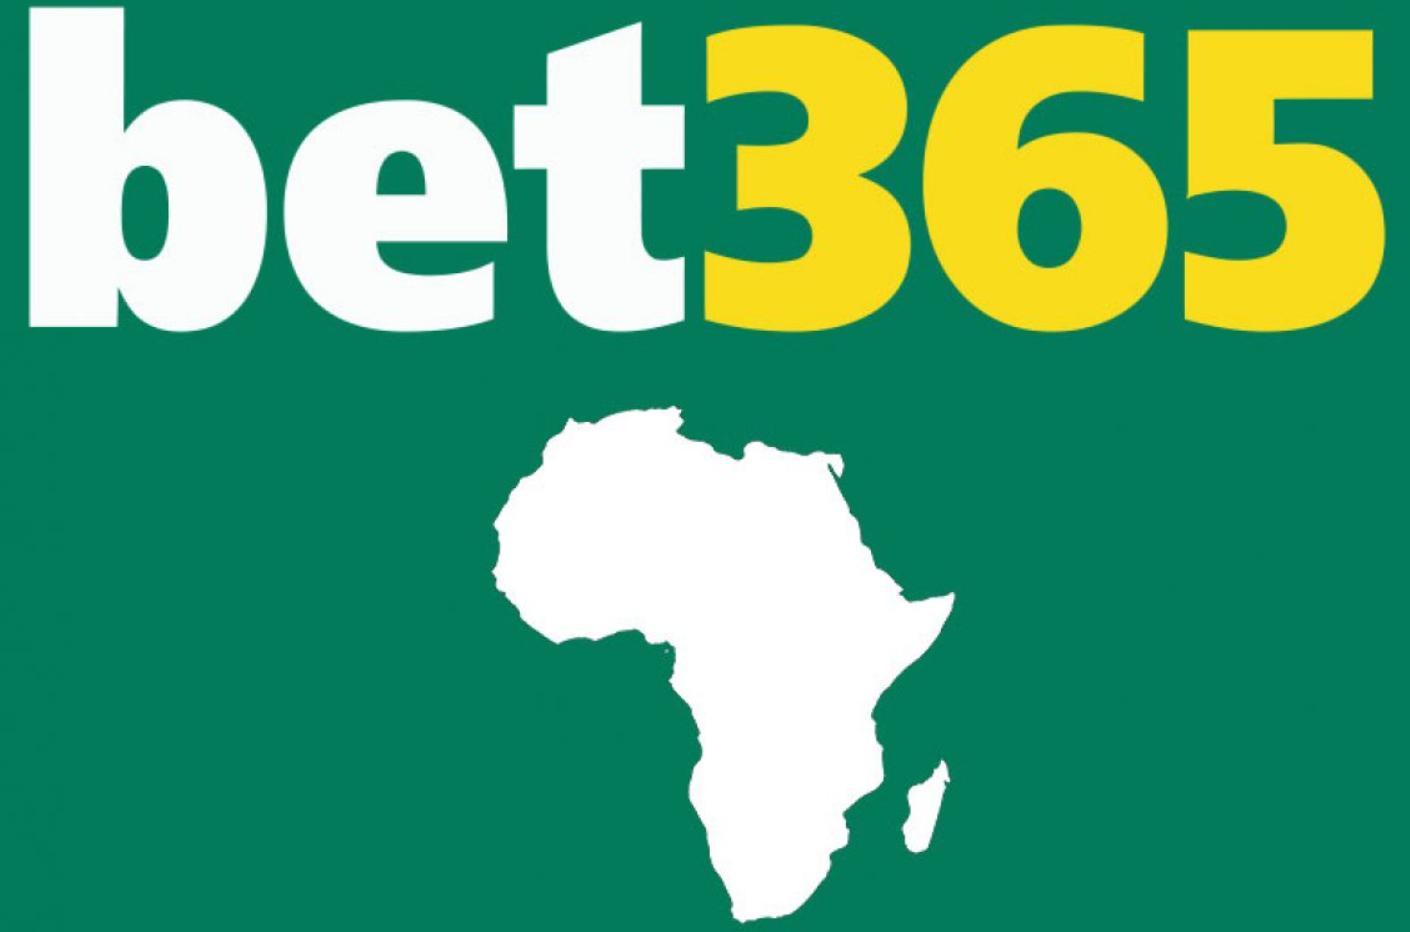 Téléchargez Bet365 mobile app